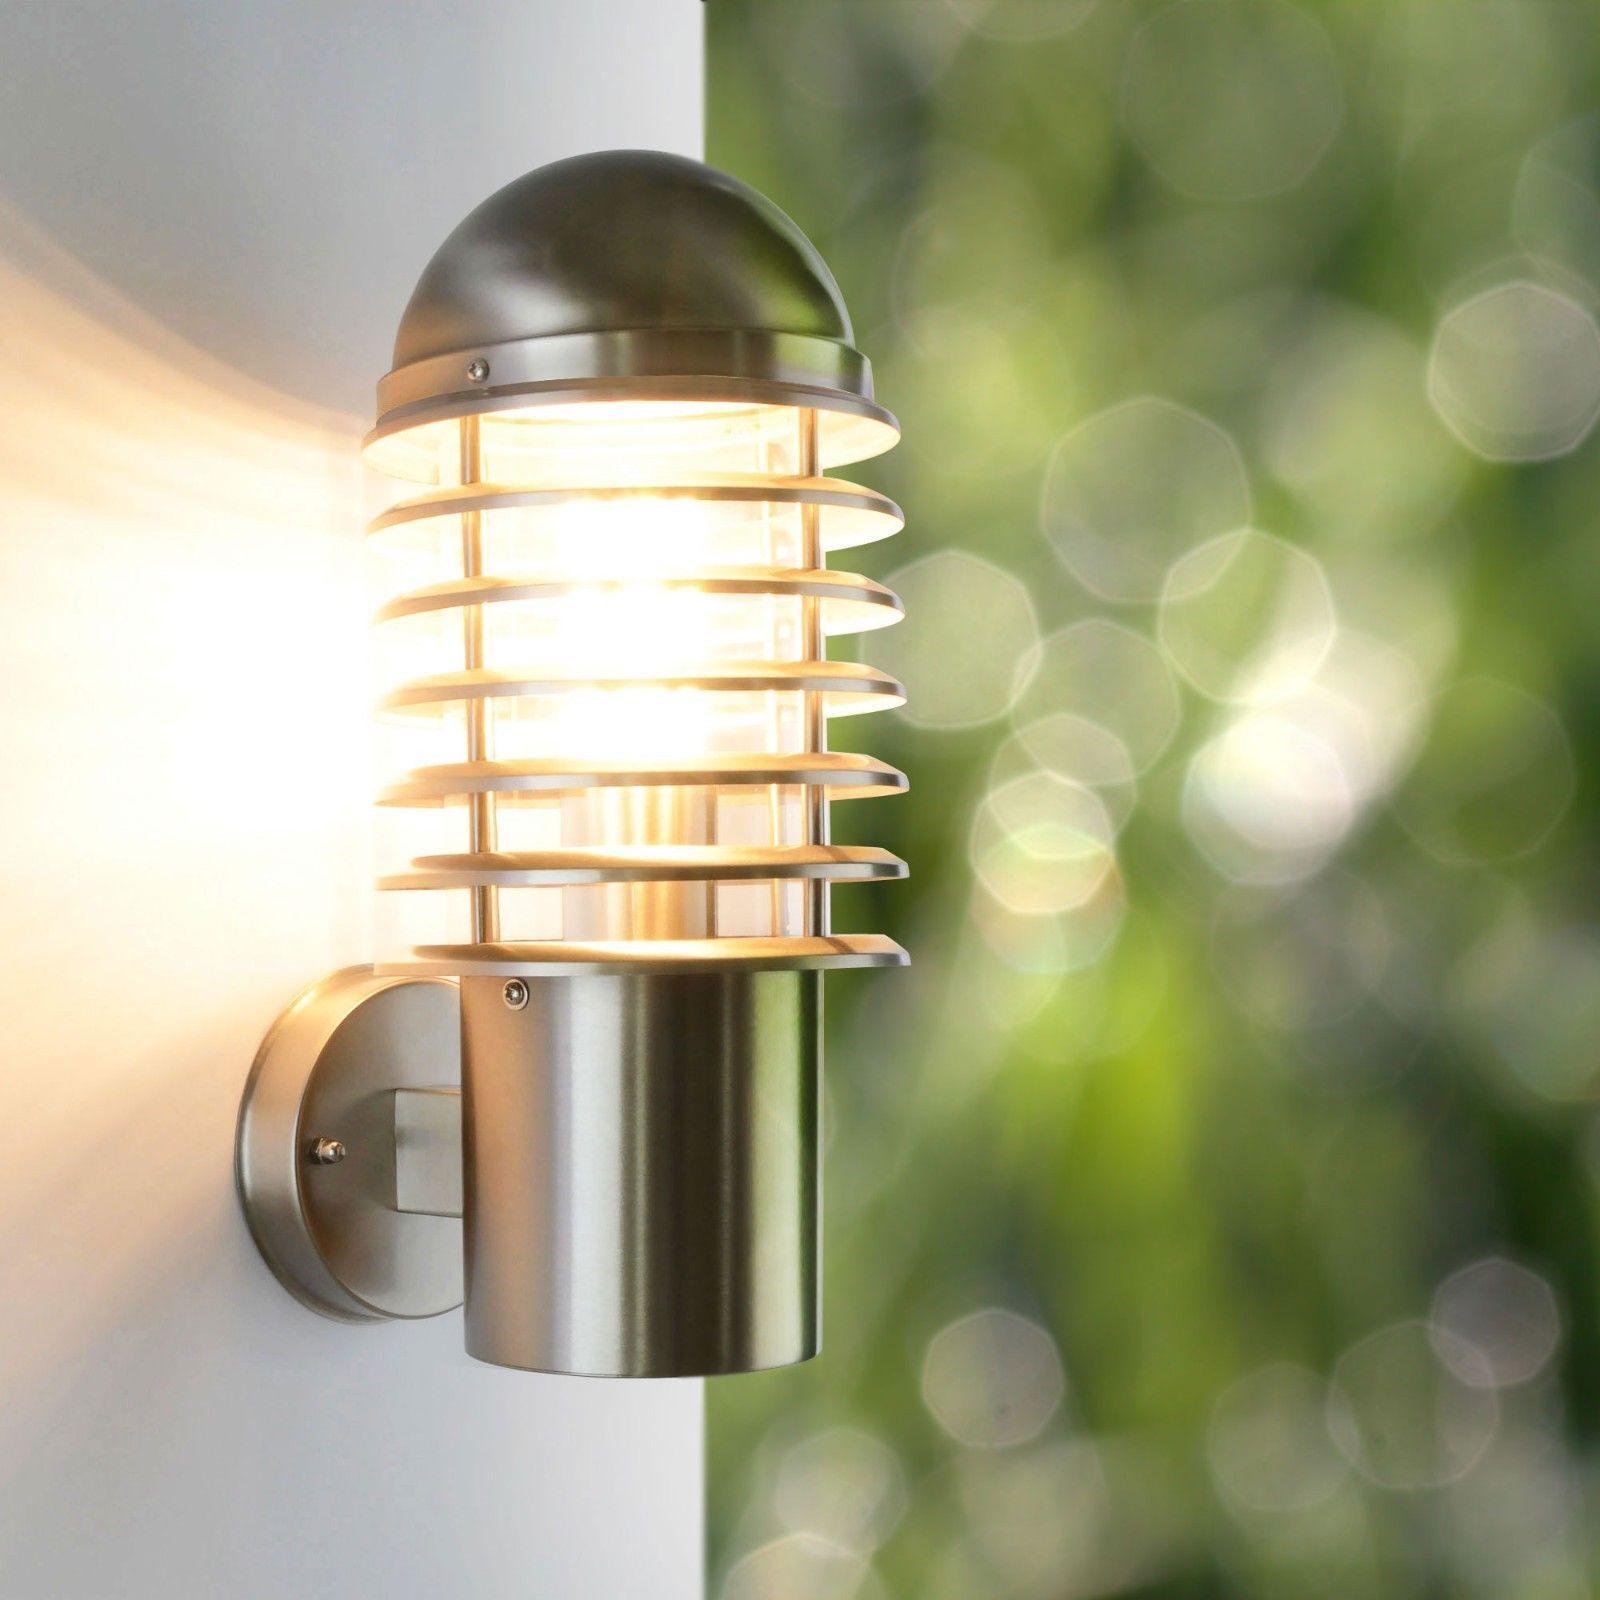 Details Zu Aussenleuchte Aussenlampe Wandleuchte Edelstahl Lampe Aussenlicht Wandlampe 252 Mit Bildern Aussenlampe Wandlampe Wandleuchte